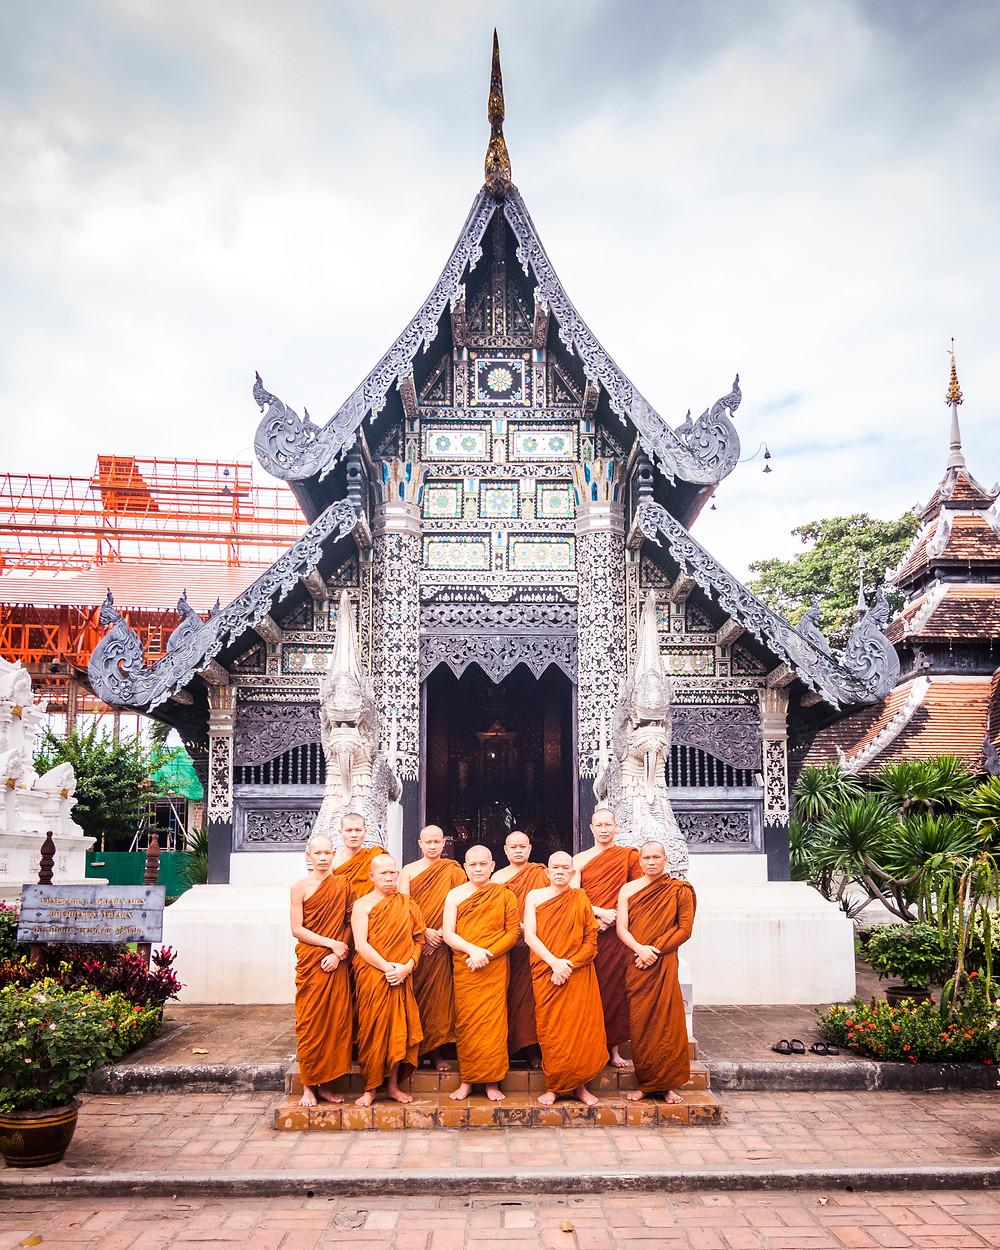 Monks at Wat Chedi Luang, Chiang Mai, Thailand